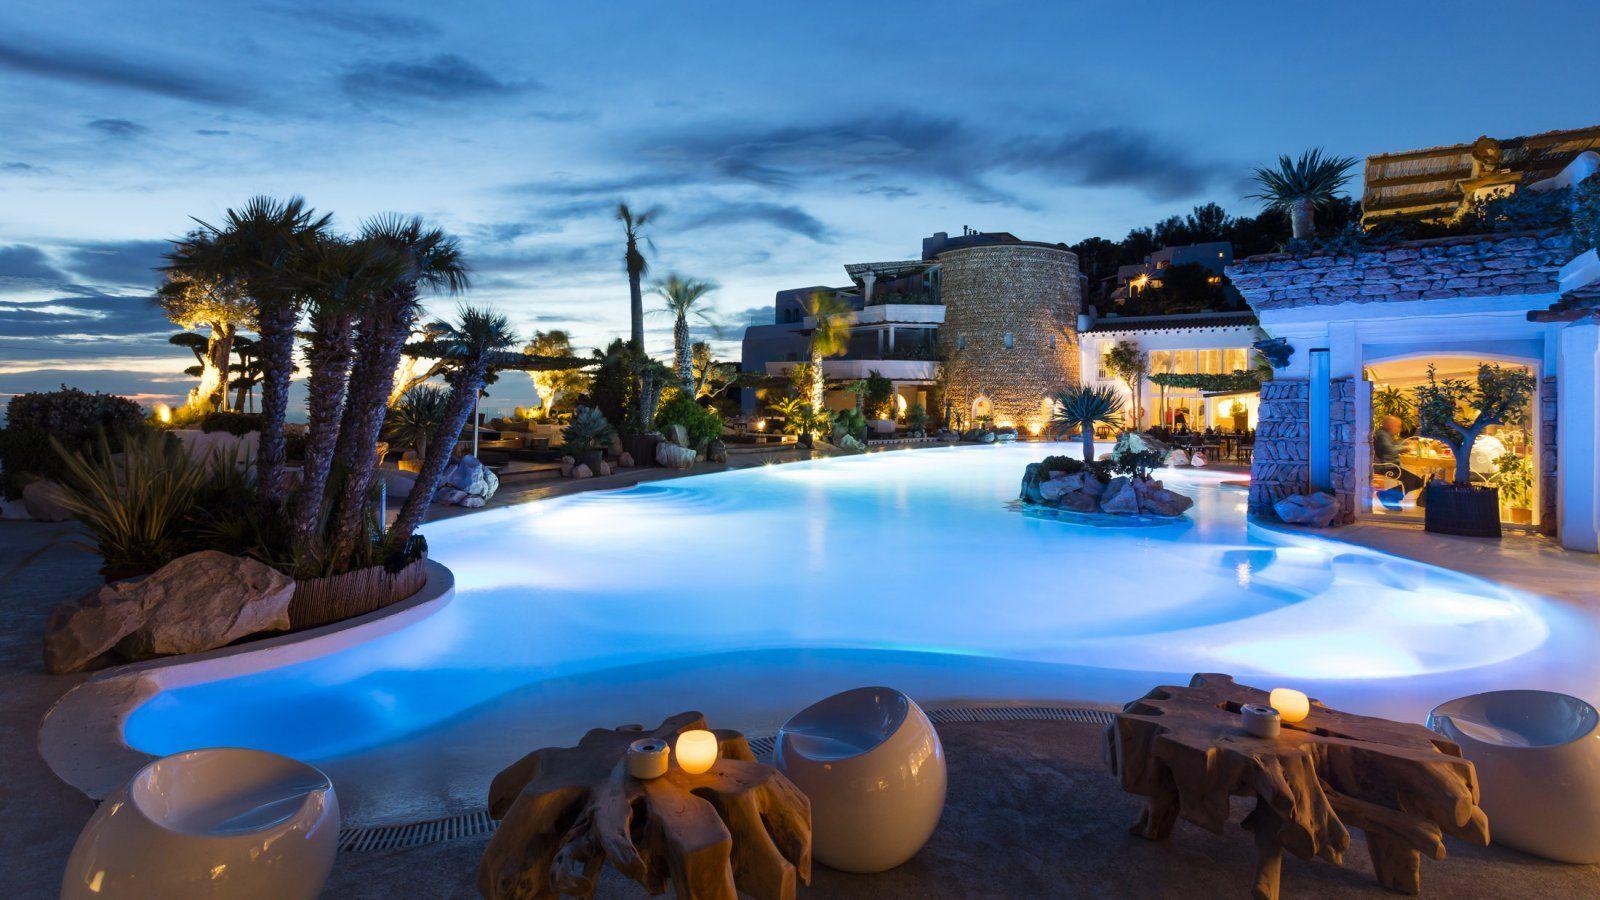 Piscina exterior ana xamena ibiza mis hoteles con encanto pinterest ibiza piscinas y - Hotel a pejo con piscina ...